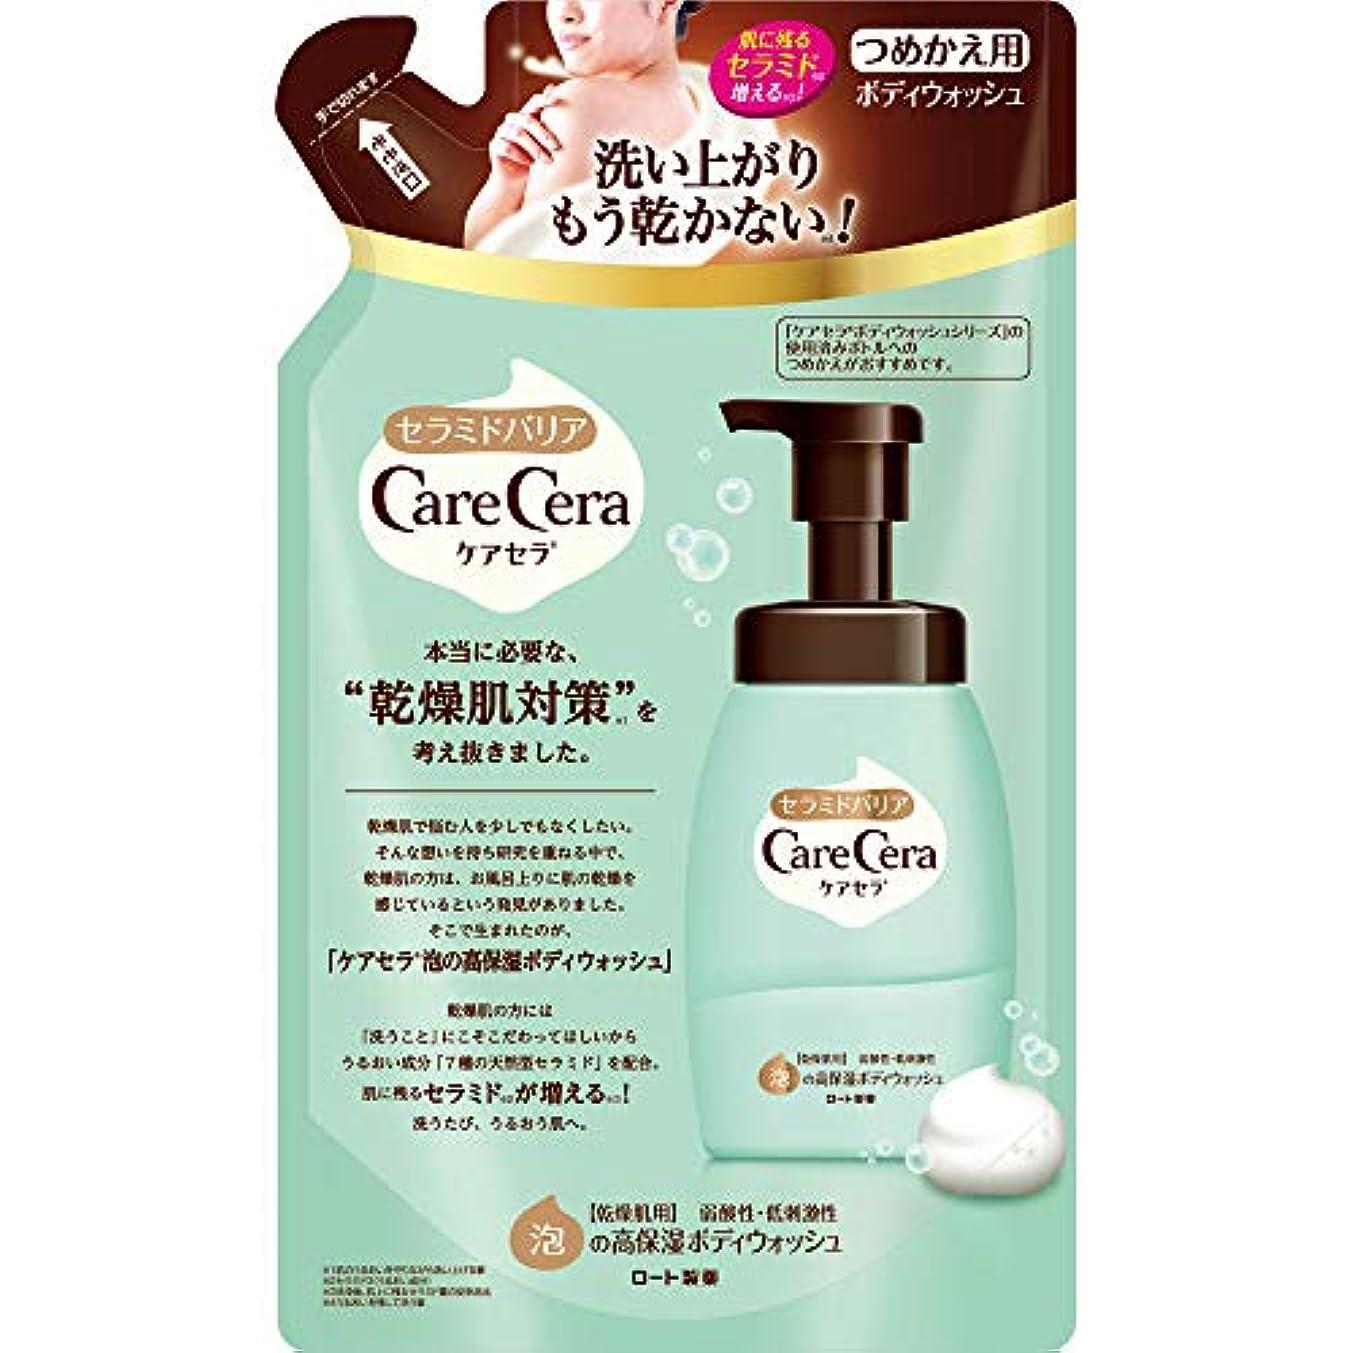 ヒューバートハドソンリファイン食器棚CareCera(ケアセラ) 泡の高保湿 ボディウォッシュ 詰め替え 350mL